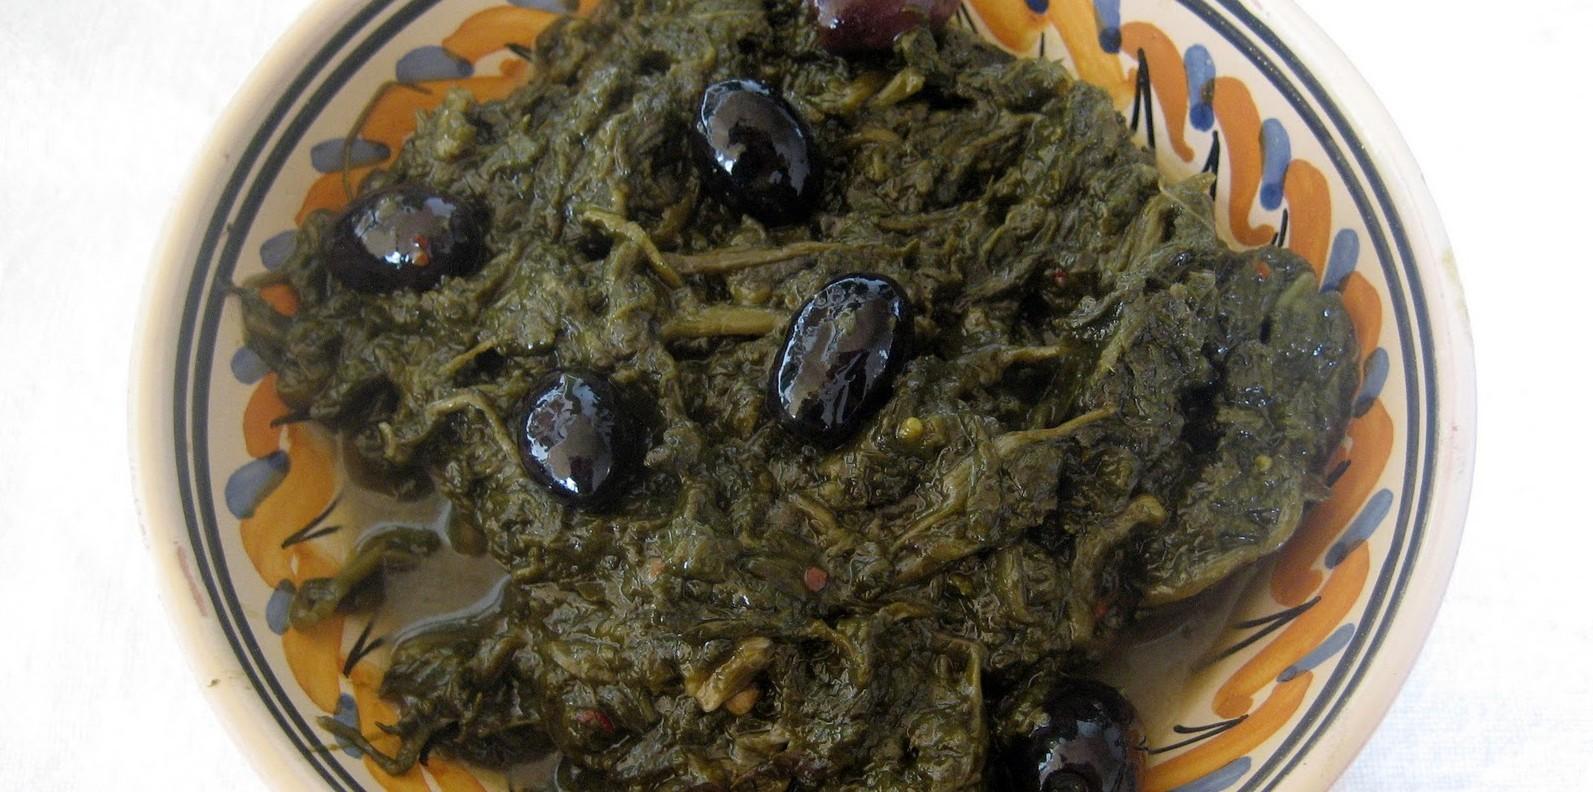 La paparina salentina cu lu lapazzu: la nostra ricetta